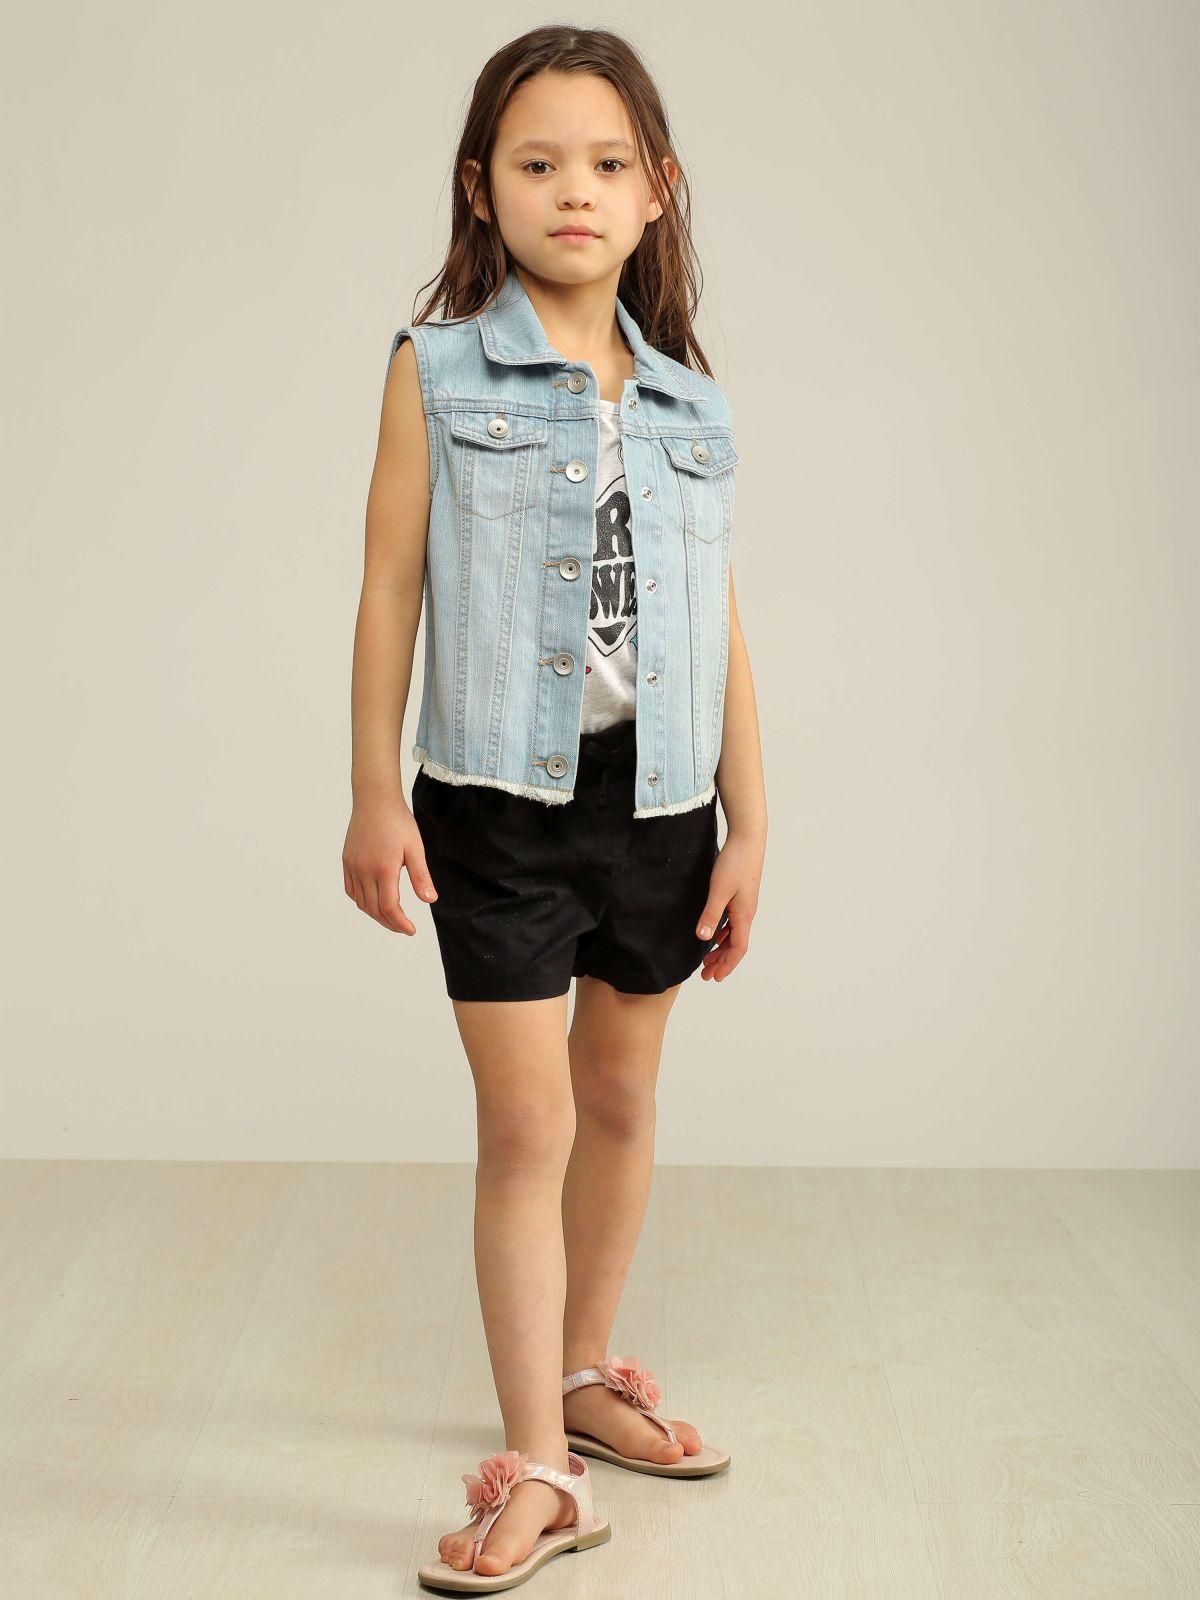 וסט ג'ינס עם הדפס בגבוסט ג'ינס עם הדפס בגב של THE CHILDREN'S PLACE